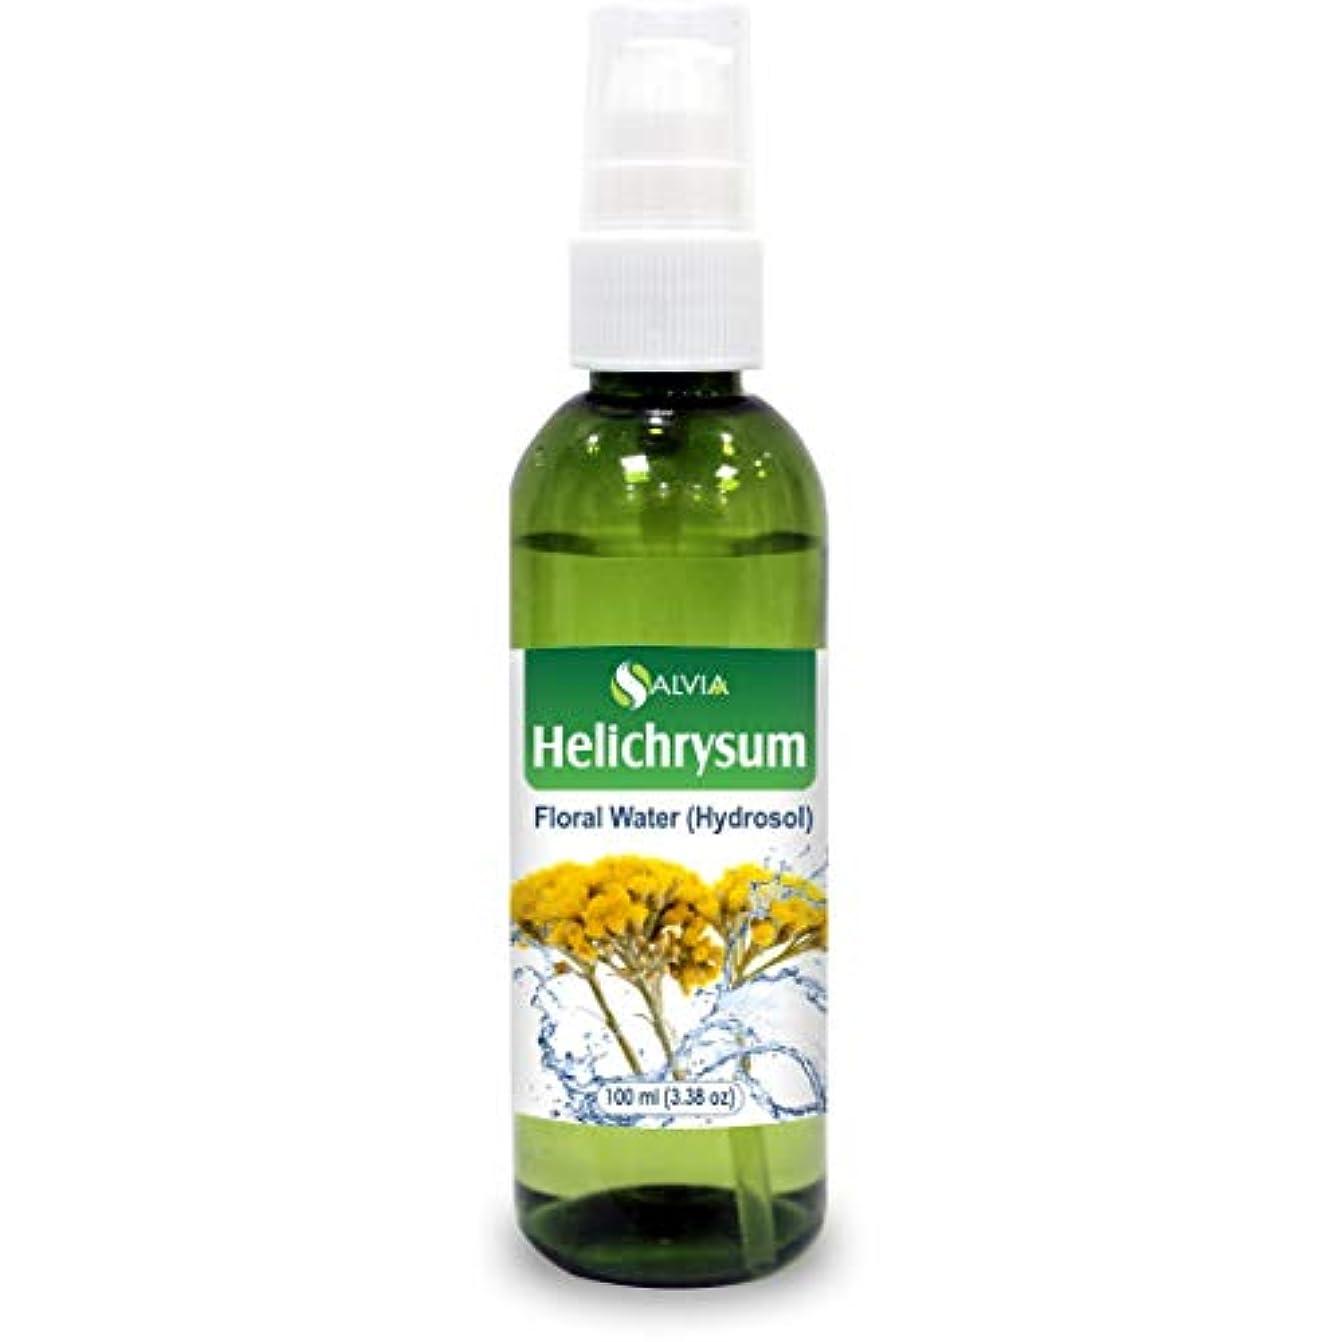 ご飯パッドマーティンルーサーキングジュニアHelichrysum Floral Water 100ml (Hydrosol) 100% Pure And Natural